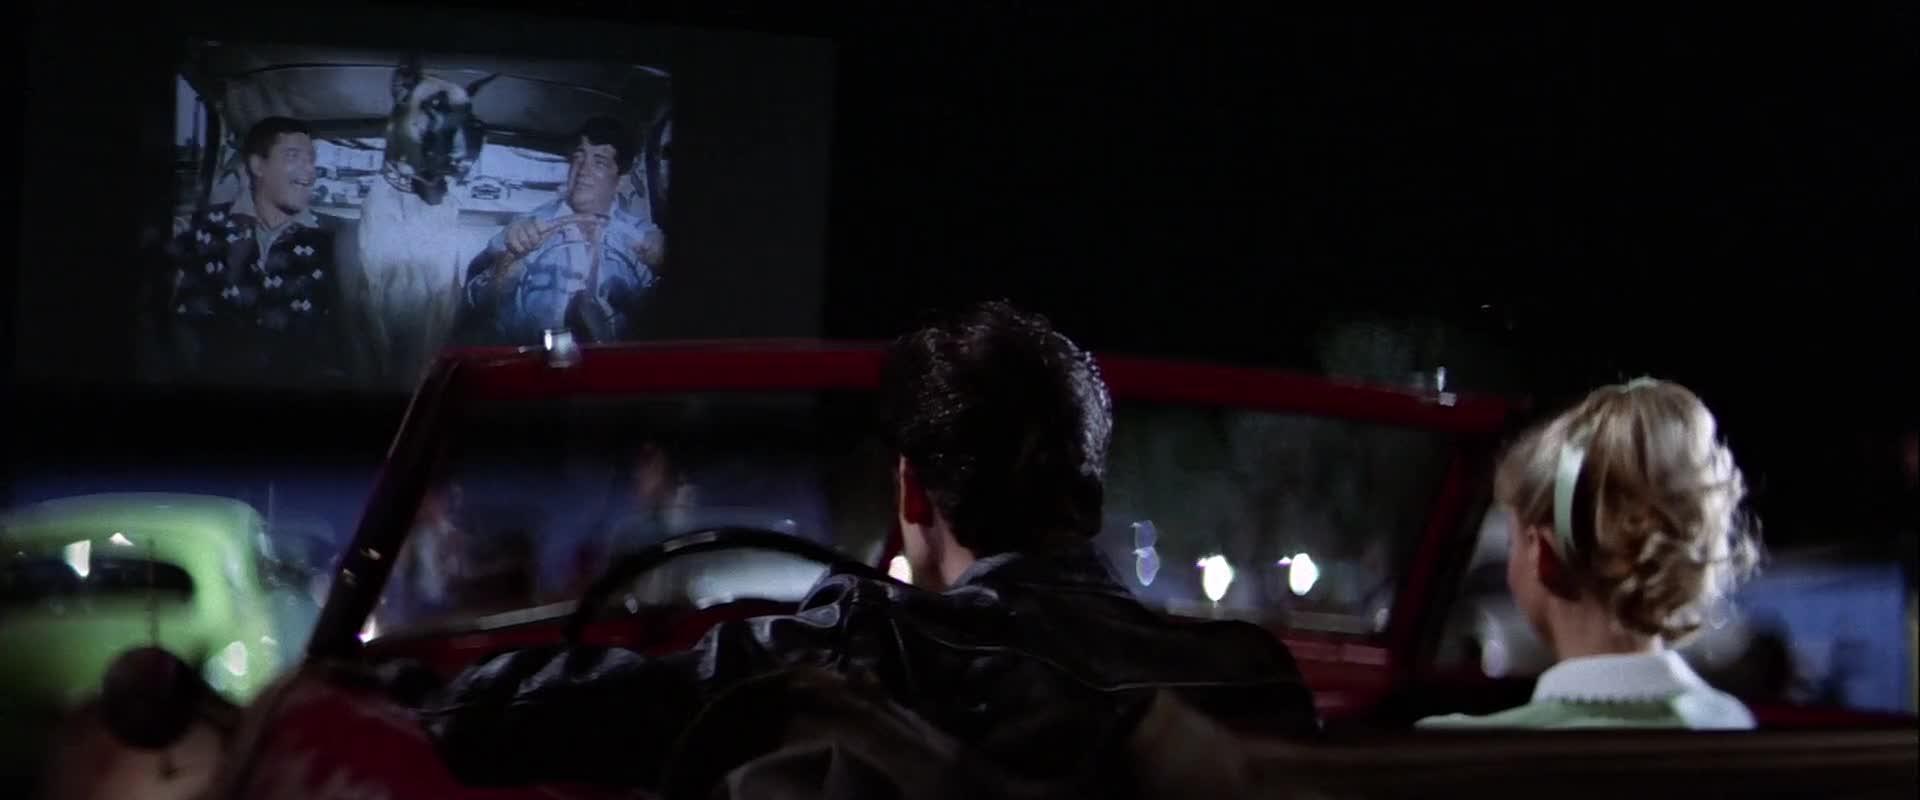 Grease film still 3